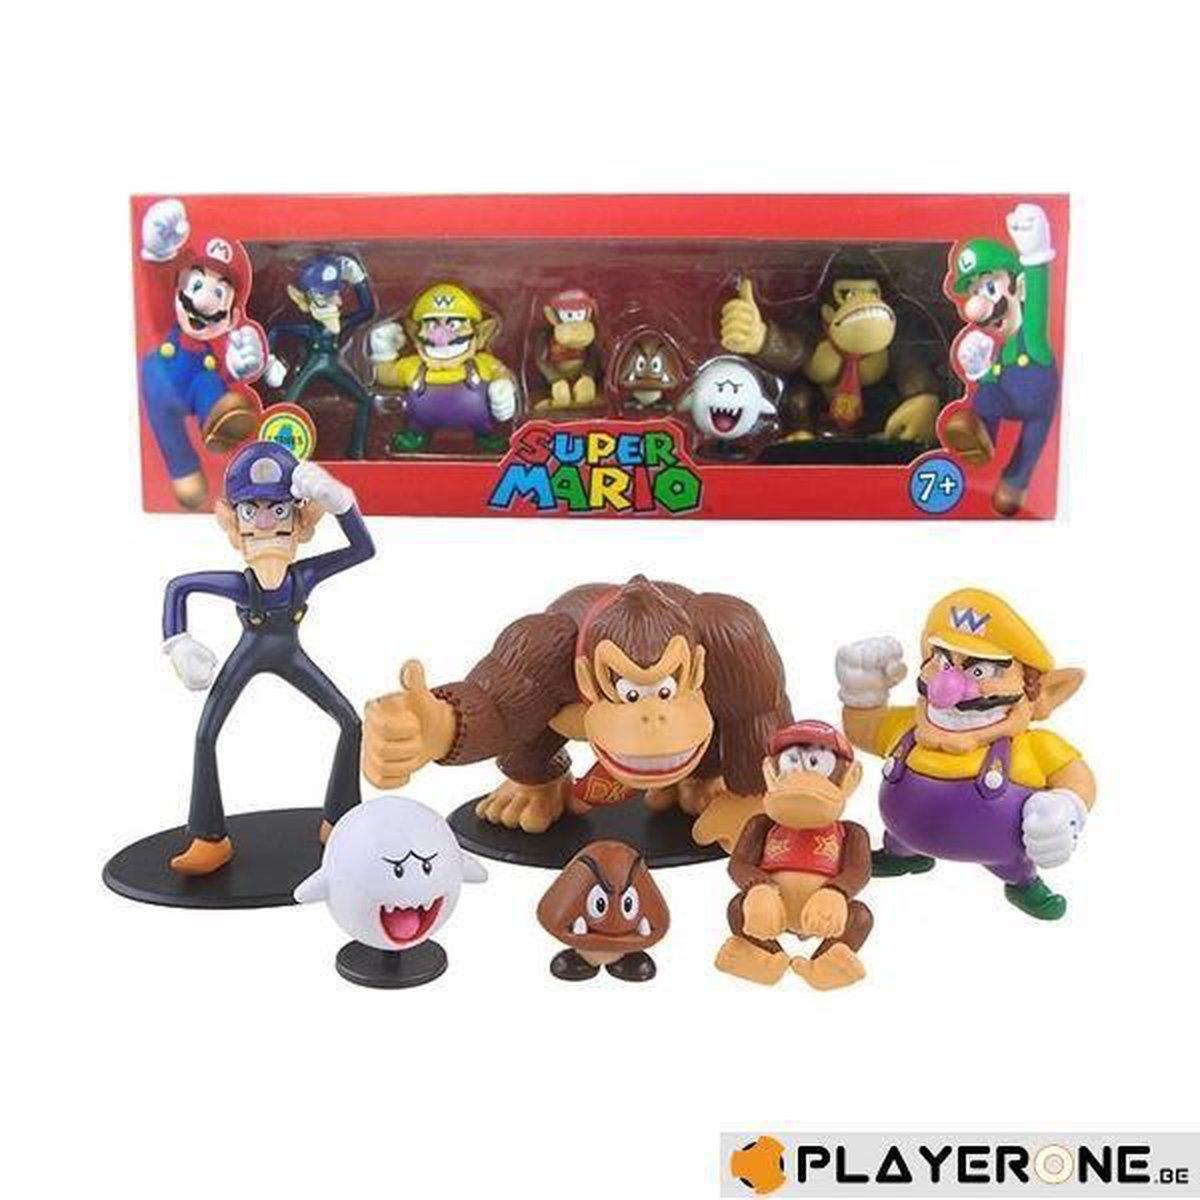 Super Mario Minifiguren - 6 Stuks - Serie 4 - Merchandising